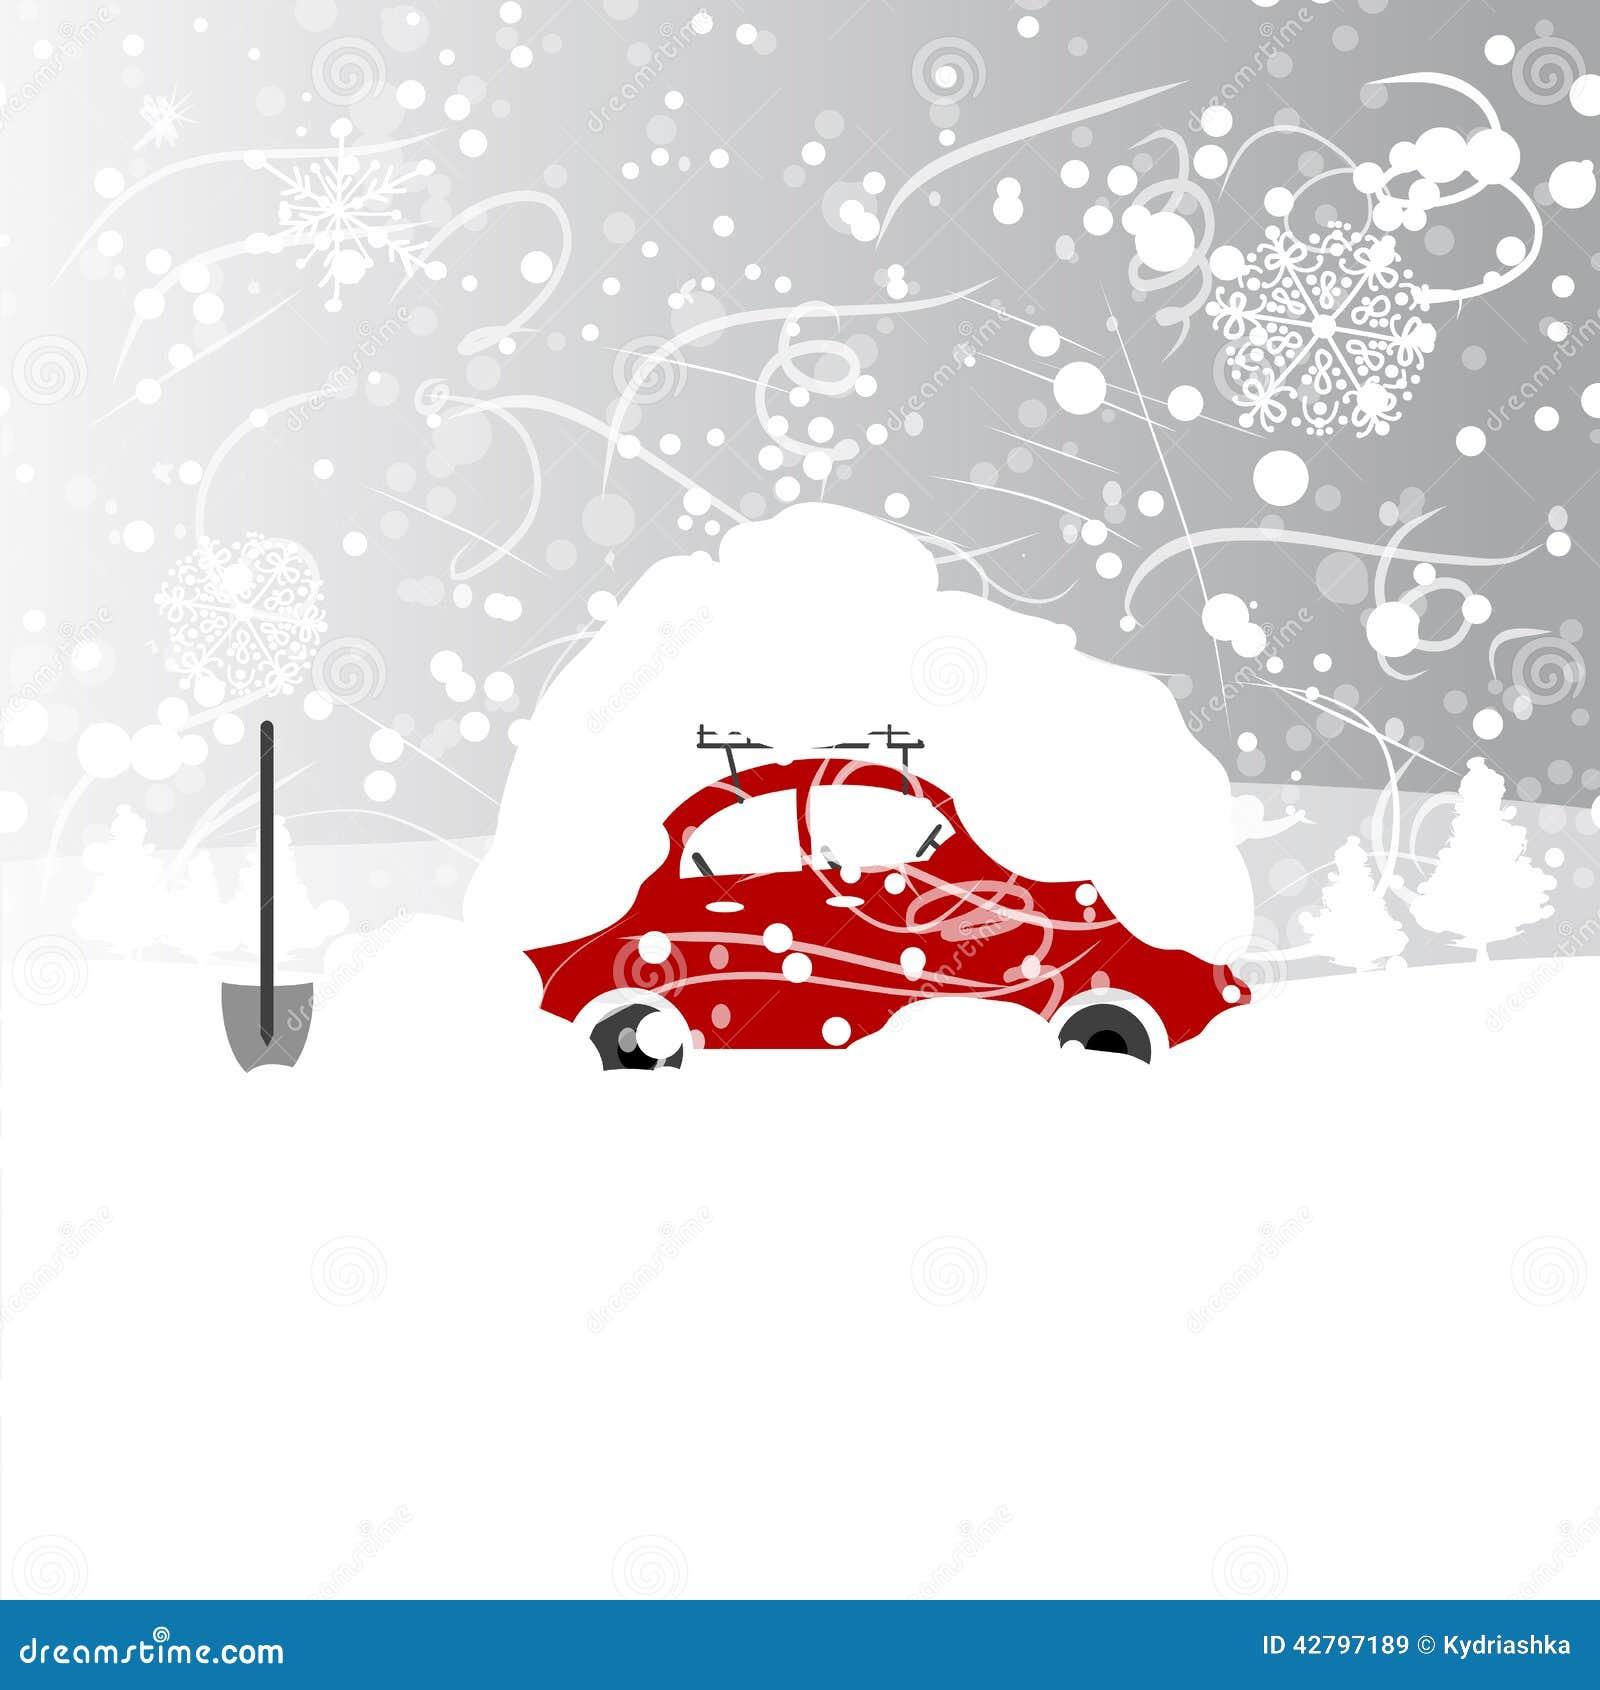 Survival tips for winter driving – The Kohler Villager News